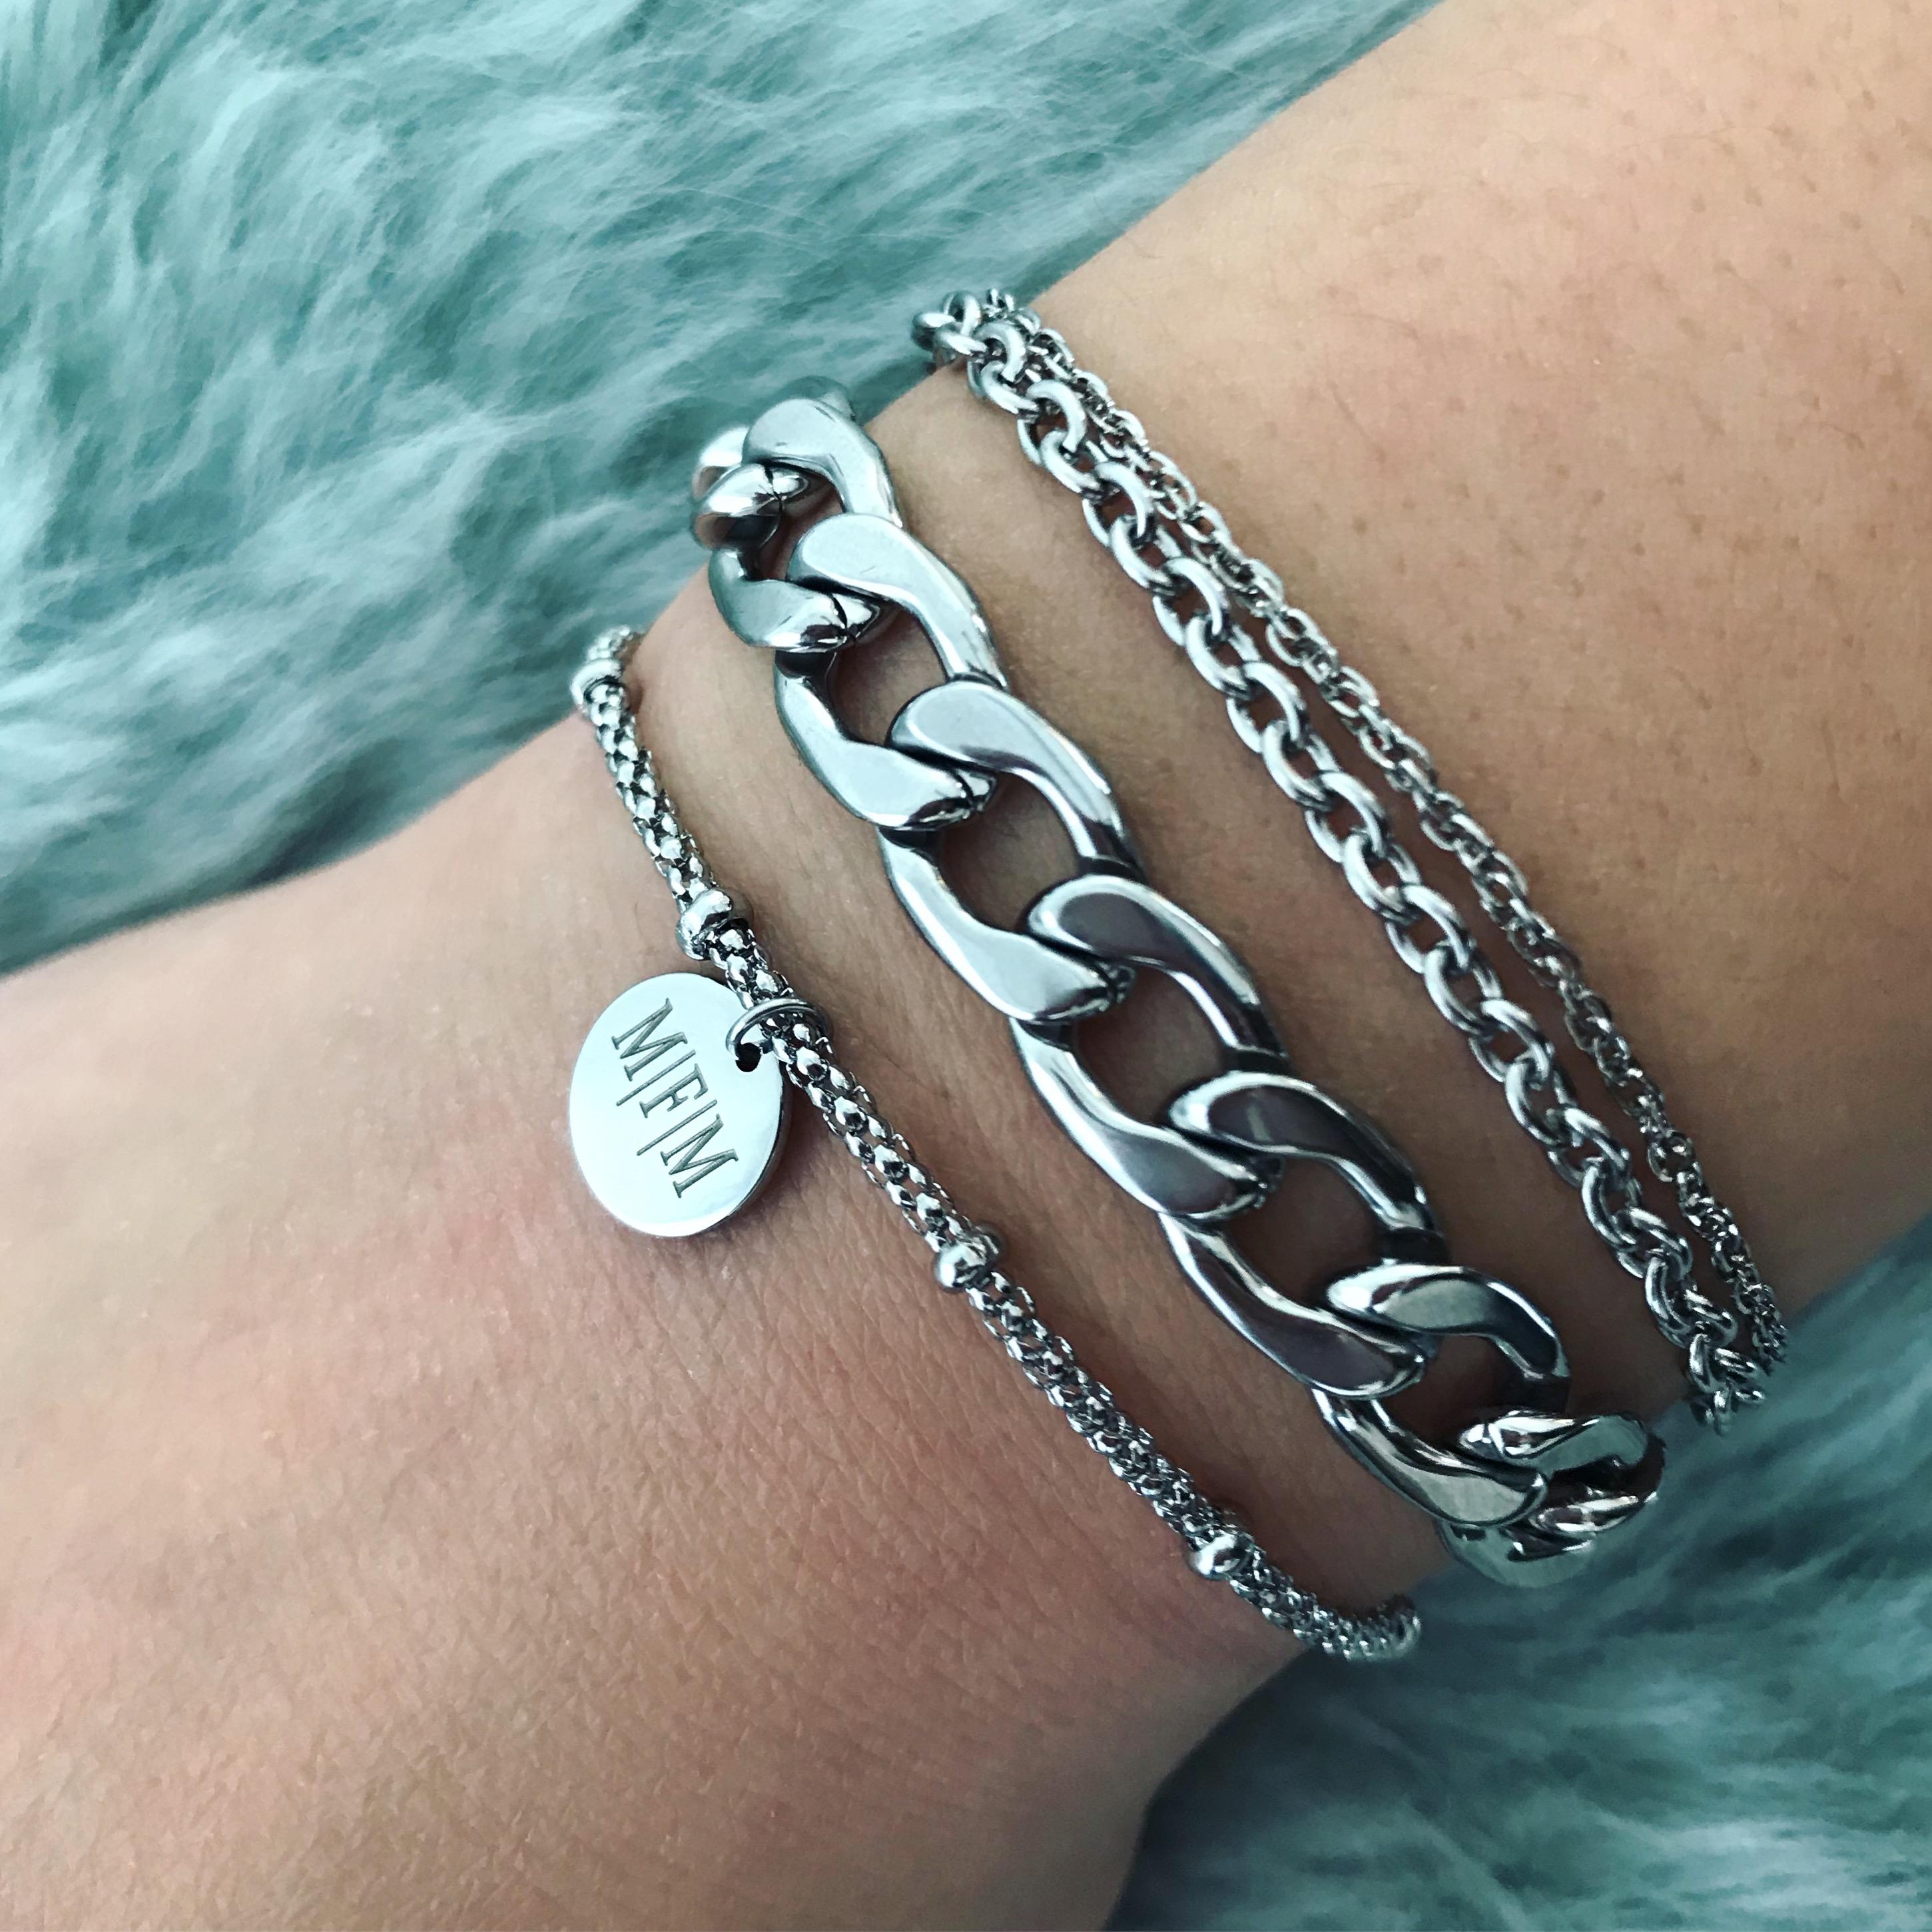 Zilveren armbandjes bij elkaar gecombineerd